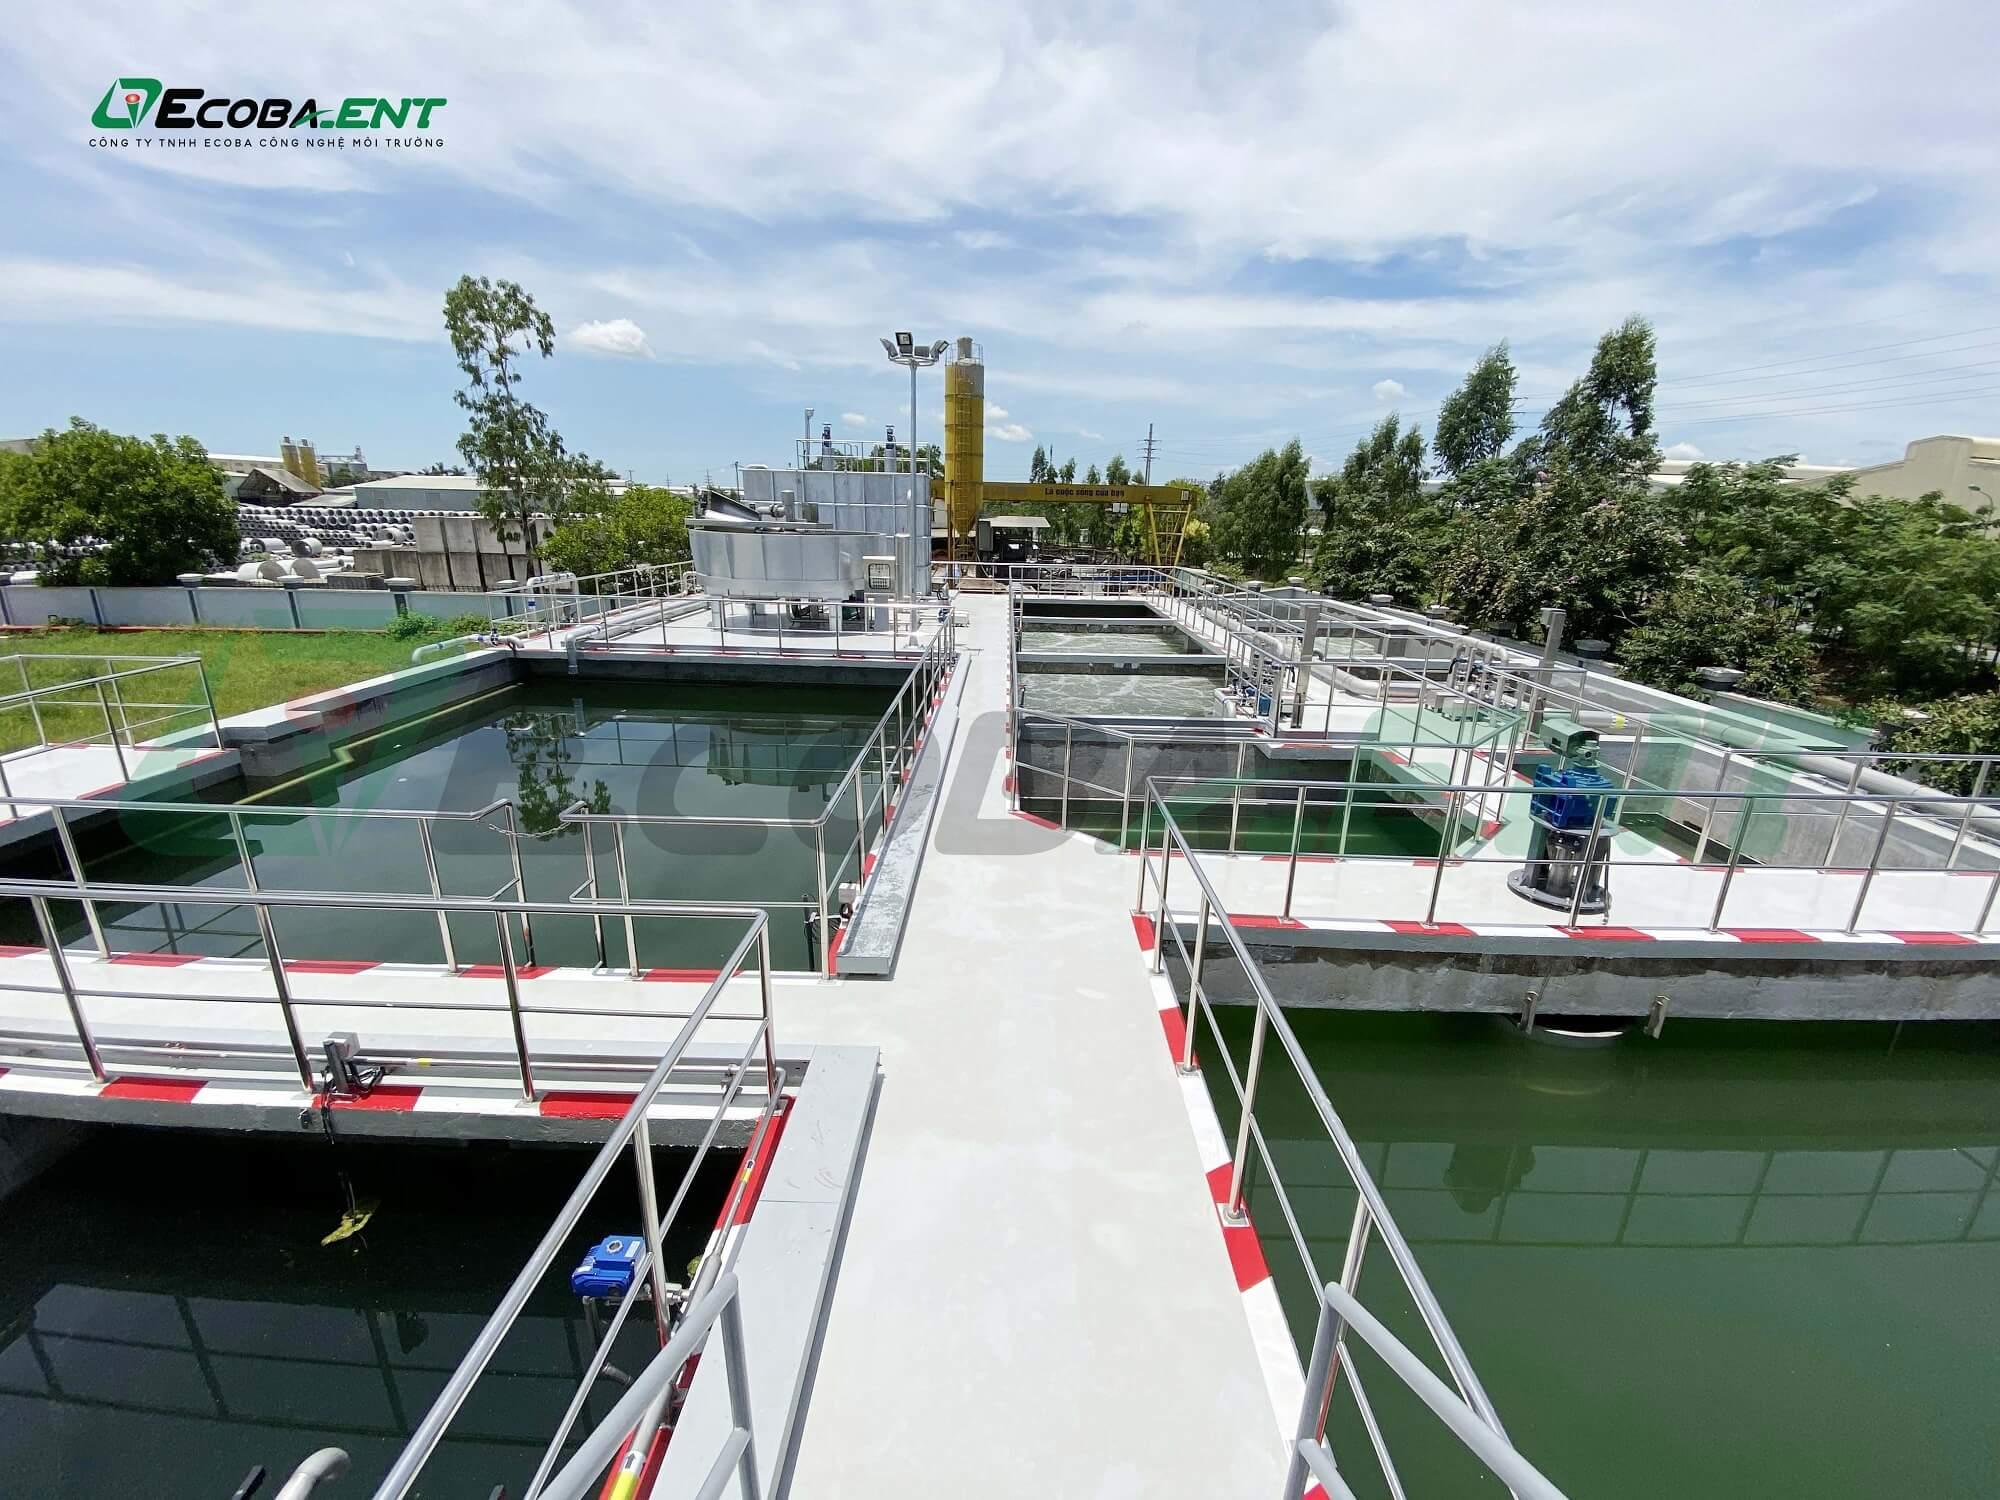 Quy trình xử lý nước thải phổ biến thường trải qua 3 giai đoạn chính đó là sơ bộ, sinh học và nâng cao